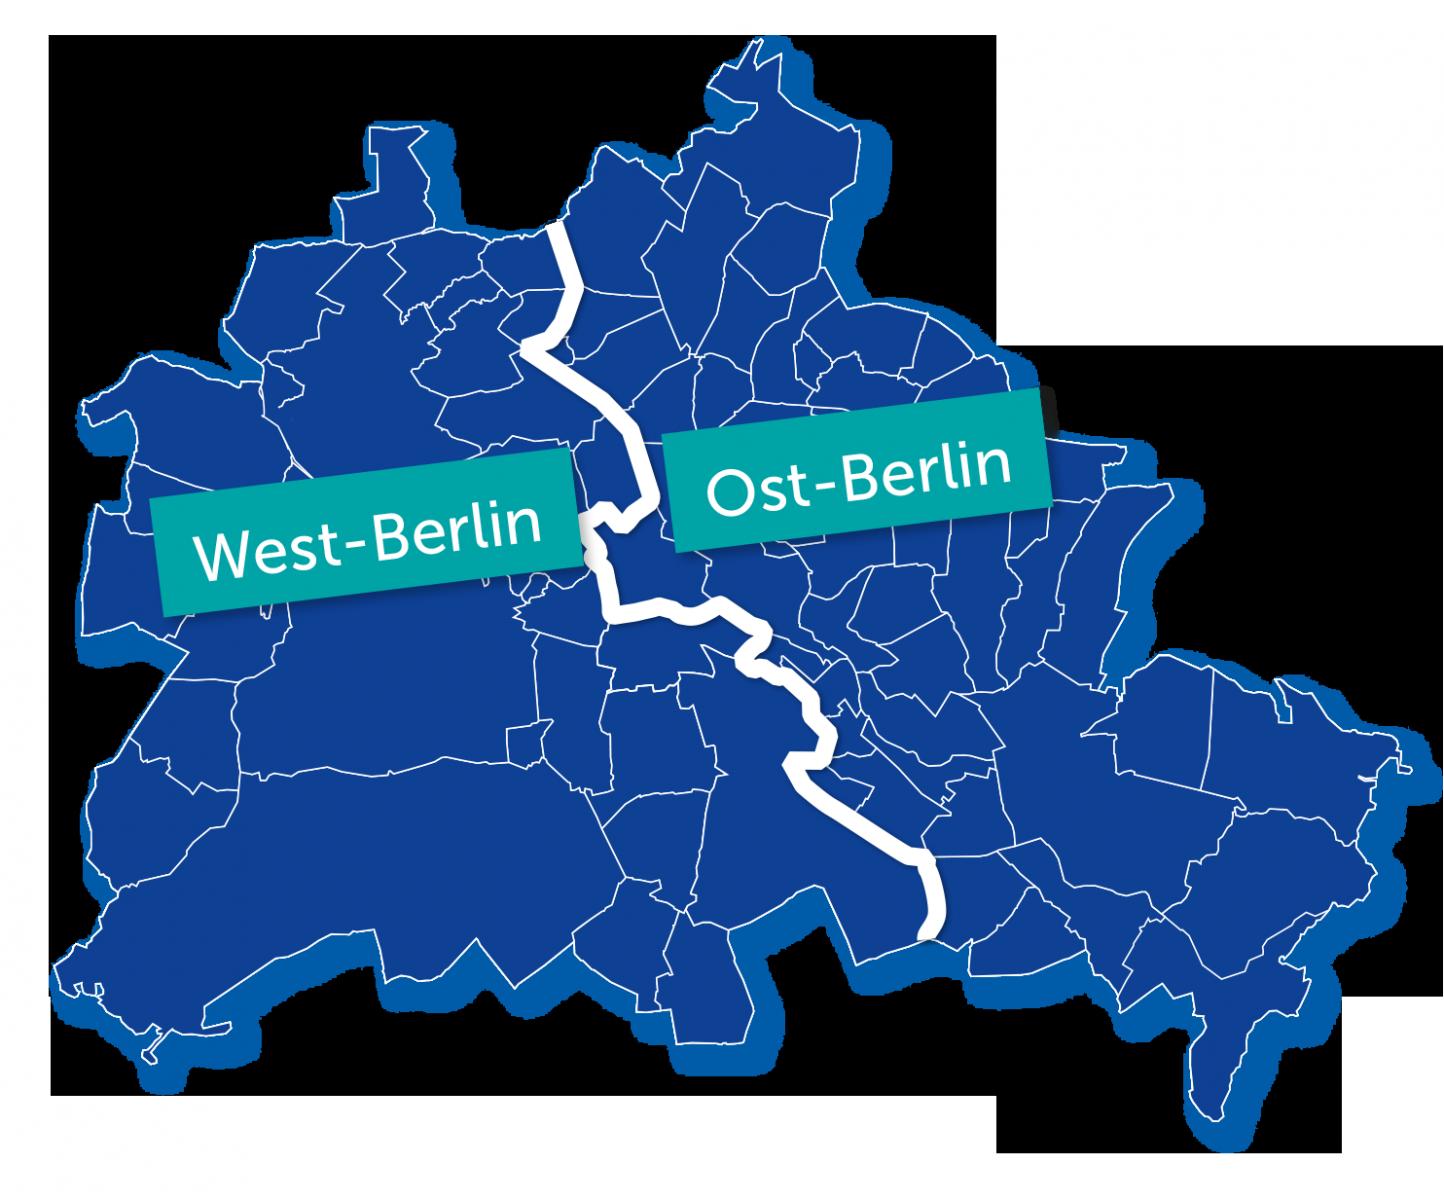 Zwei teile ost berlin und west berlin alle waren traurig